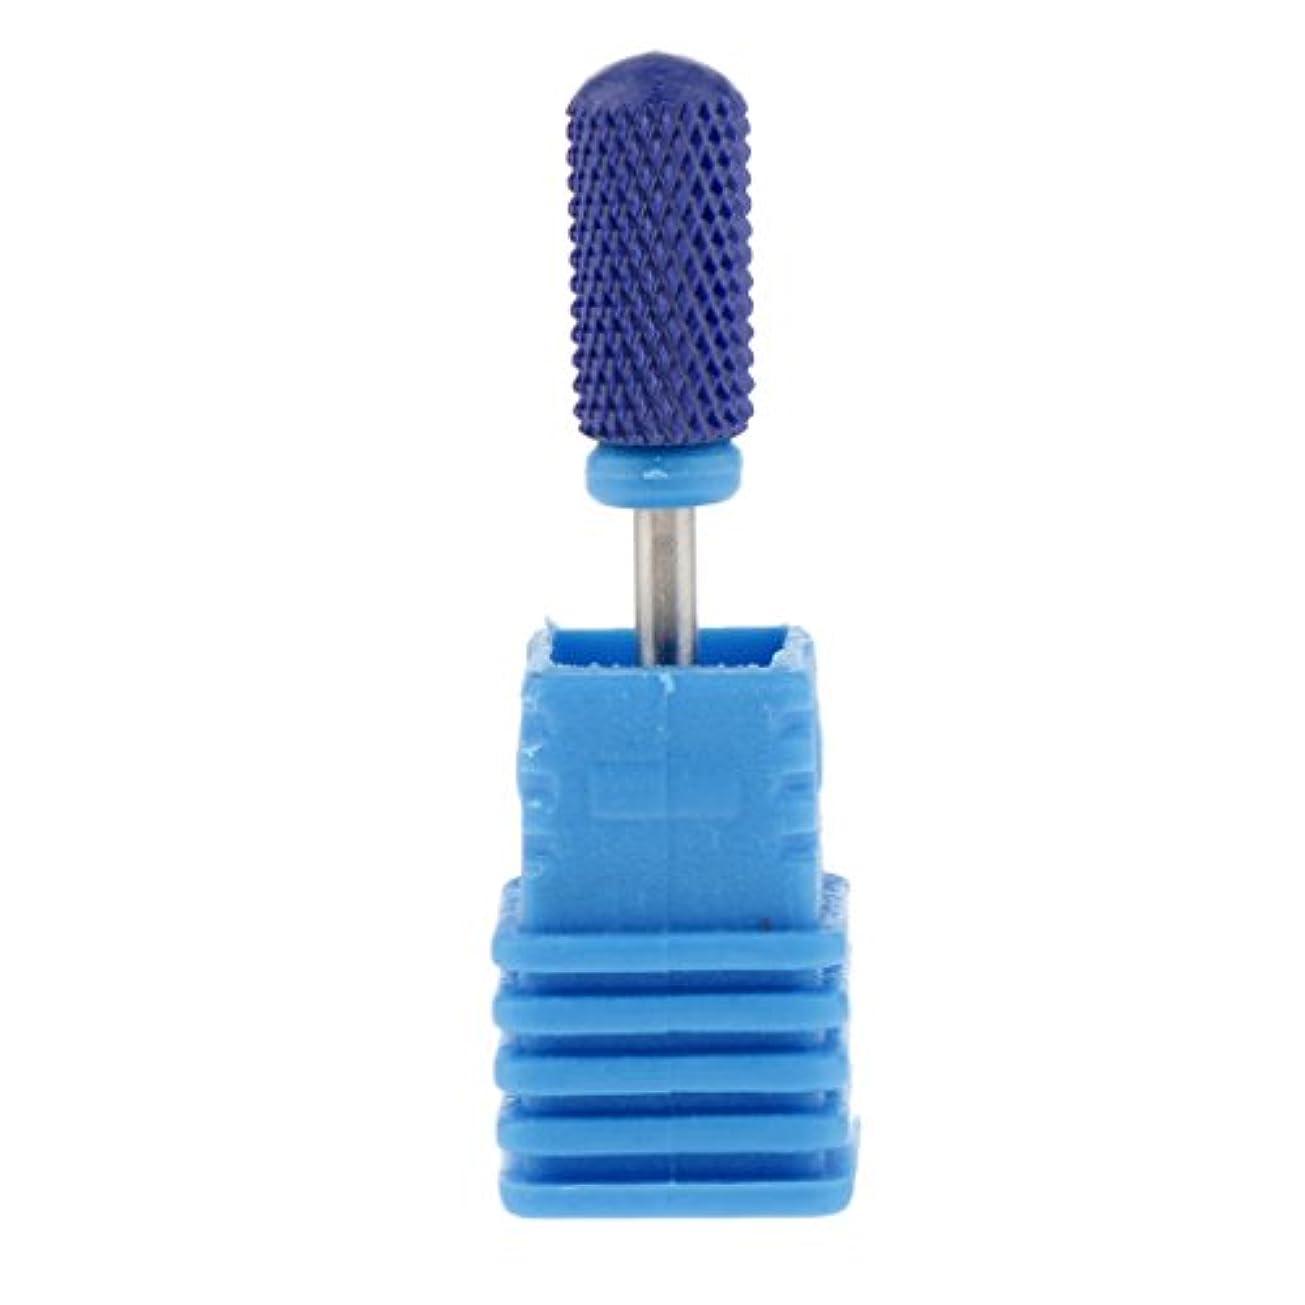 チャンバークロールブーストPerfk ネイルマシンビット ネイルアート  2.35mm マニキュア ドリルビット ステンレス  耐摩耗性 高硬度 プロ ネイルサロン 4色選べる - 青